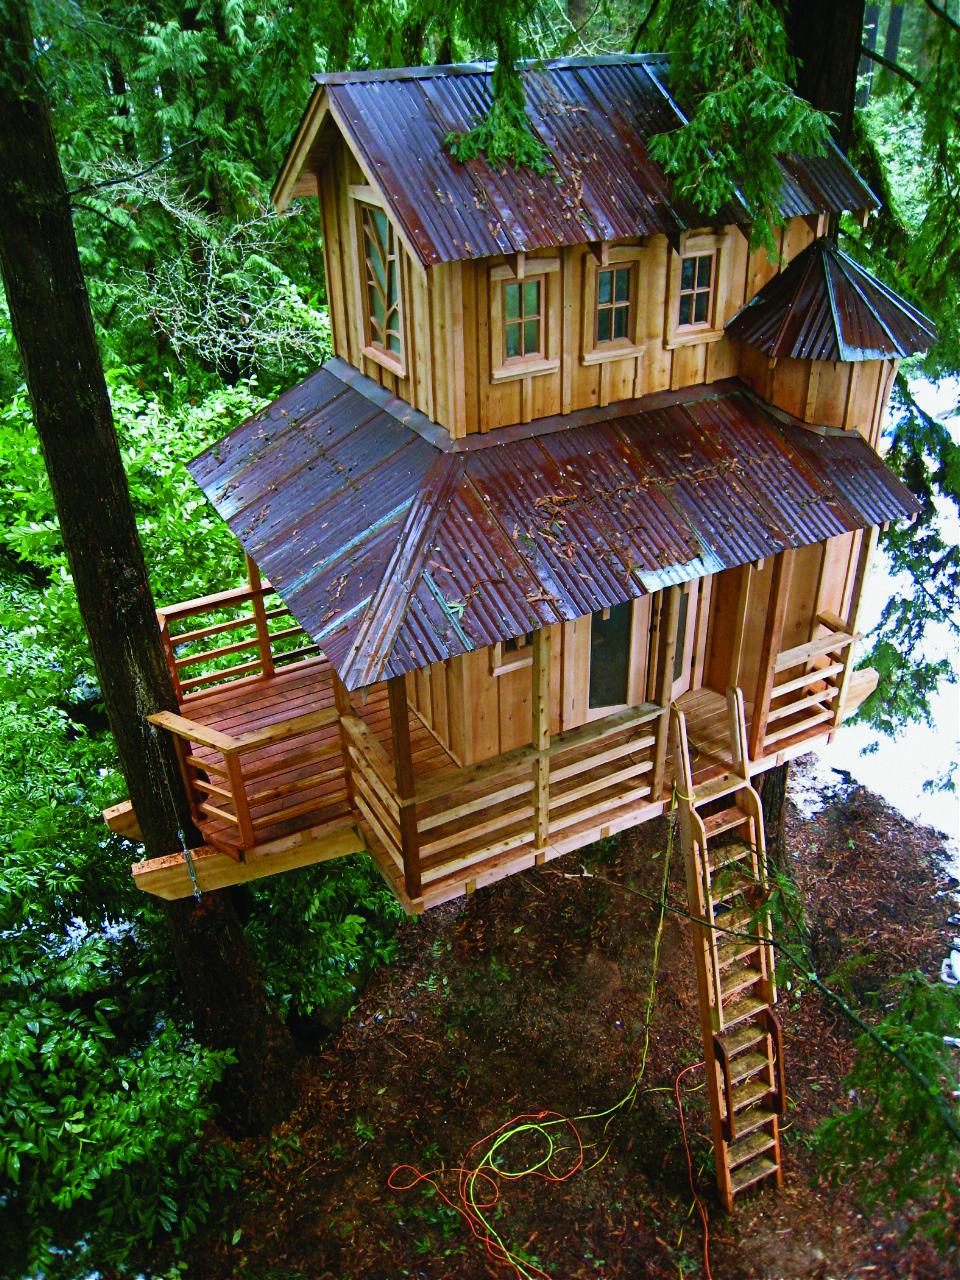 Baumhaus  Garten-und-Grillen.de  Pinterest  Baumhaus, Baumhausideen und Architektur